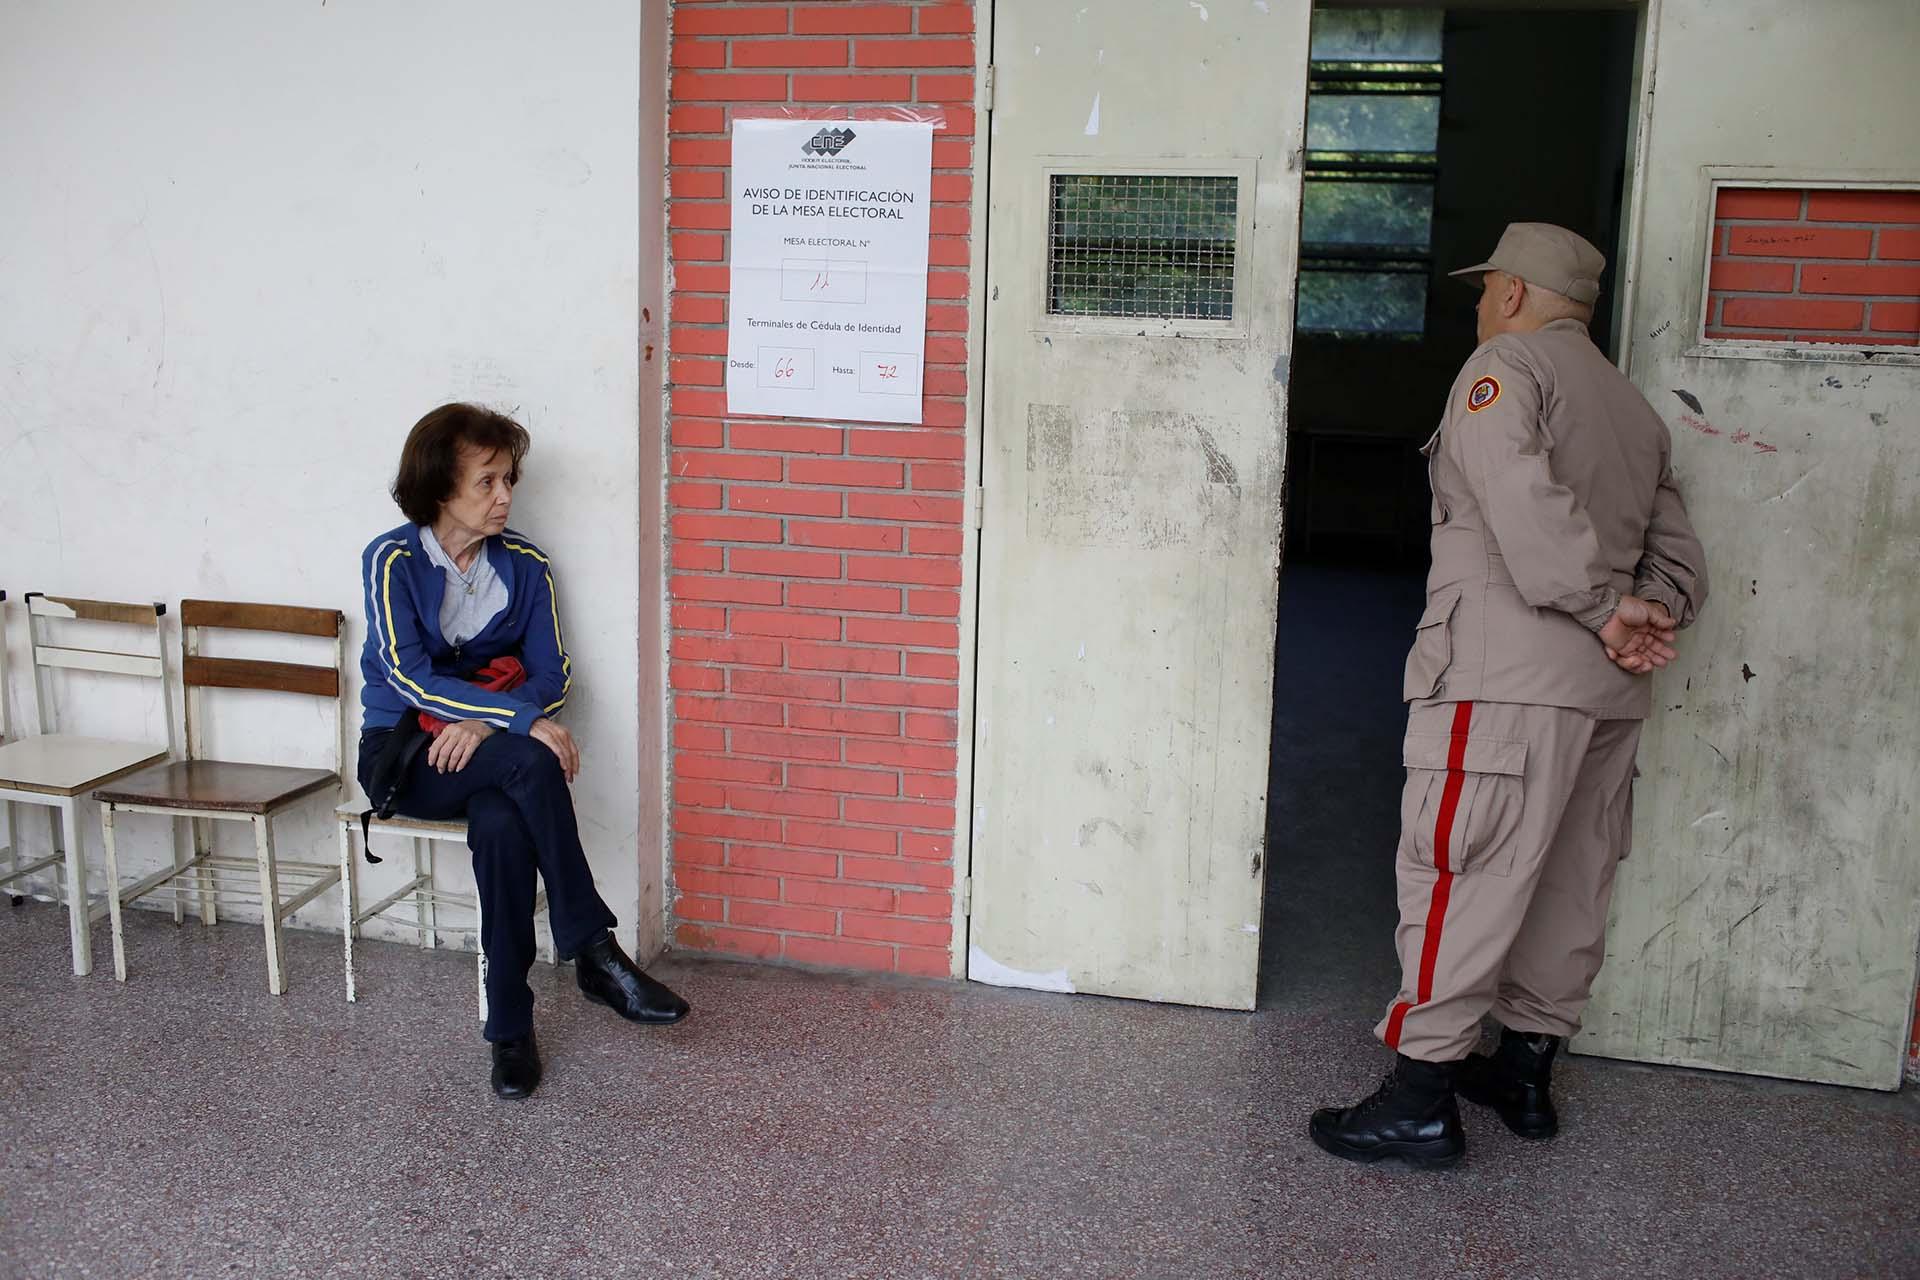 El proceso electoral comenzó hoy con retraso debido a que los centros de votación comenzaron a abrir sus puertas a las 7.00 hora local (11.00 GMT), una hora más tarde de lo establecido por el Consejo Electoral